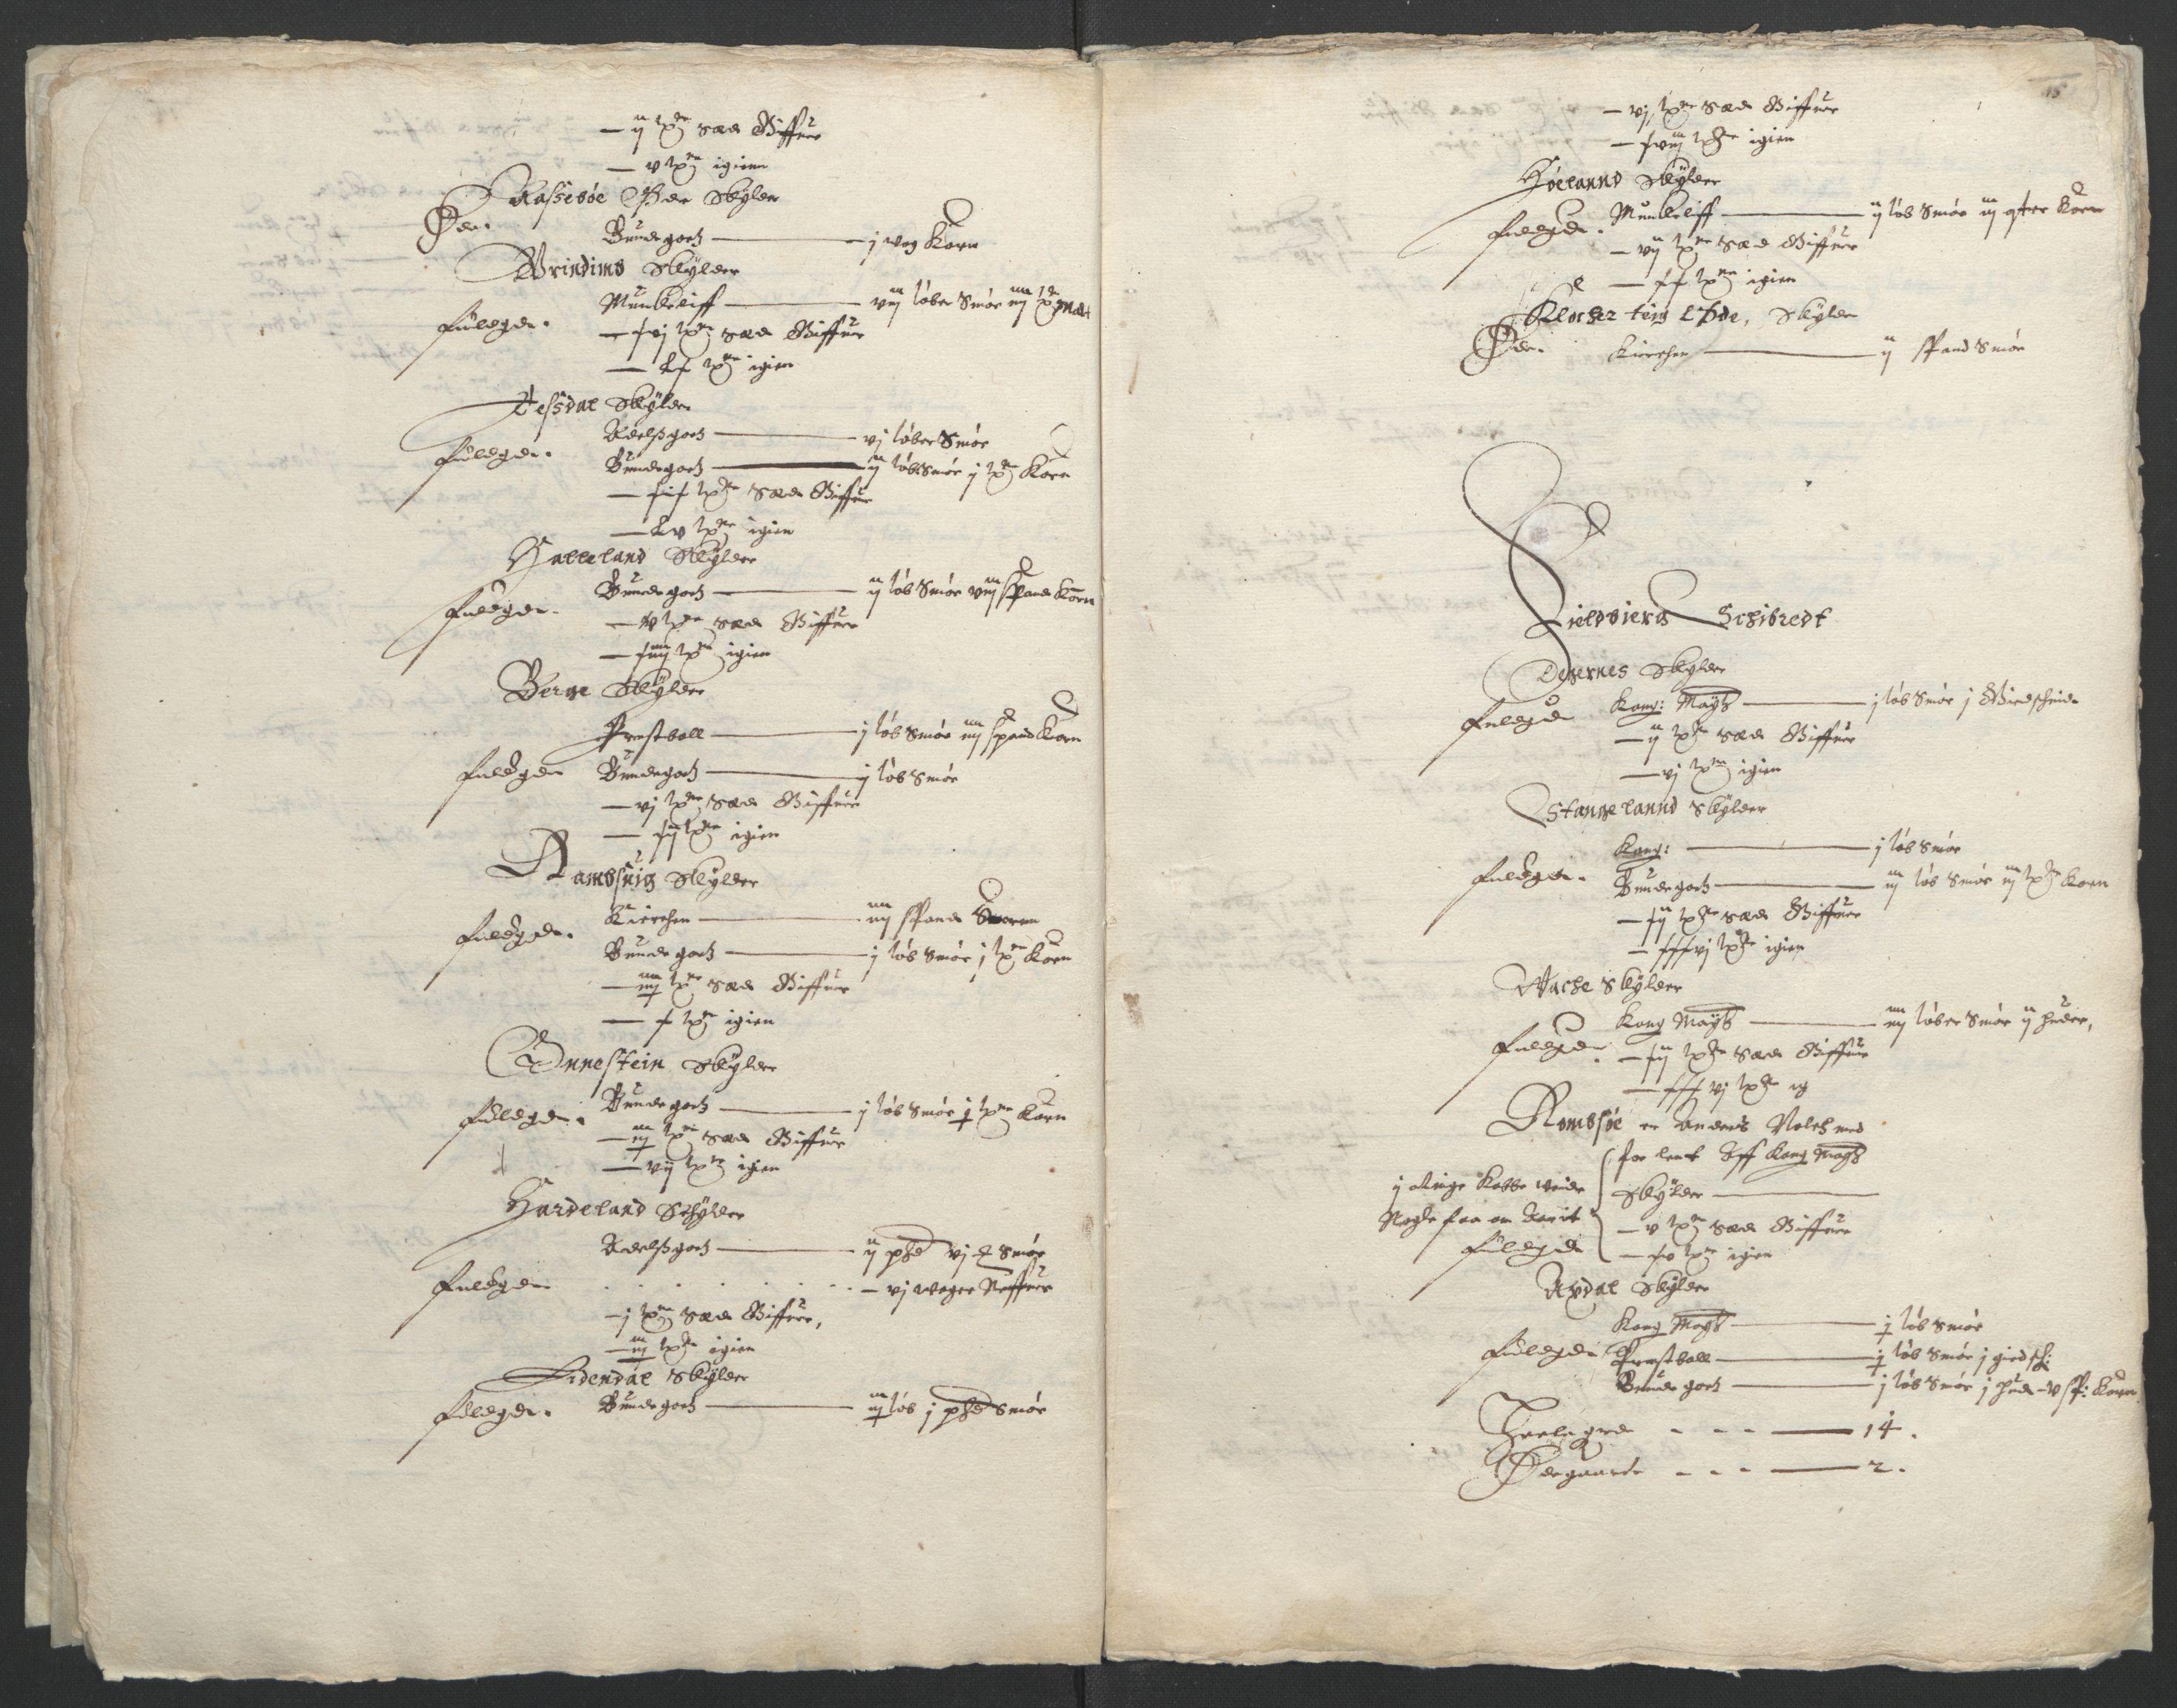 RA, Stattholderembetet 1572-1771, Ek/L0004: Jordebøker til utlikning av garnisonsskatt 1624-1626:, 1626, s. 19